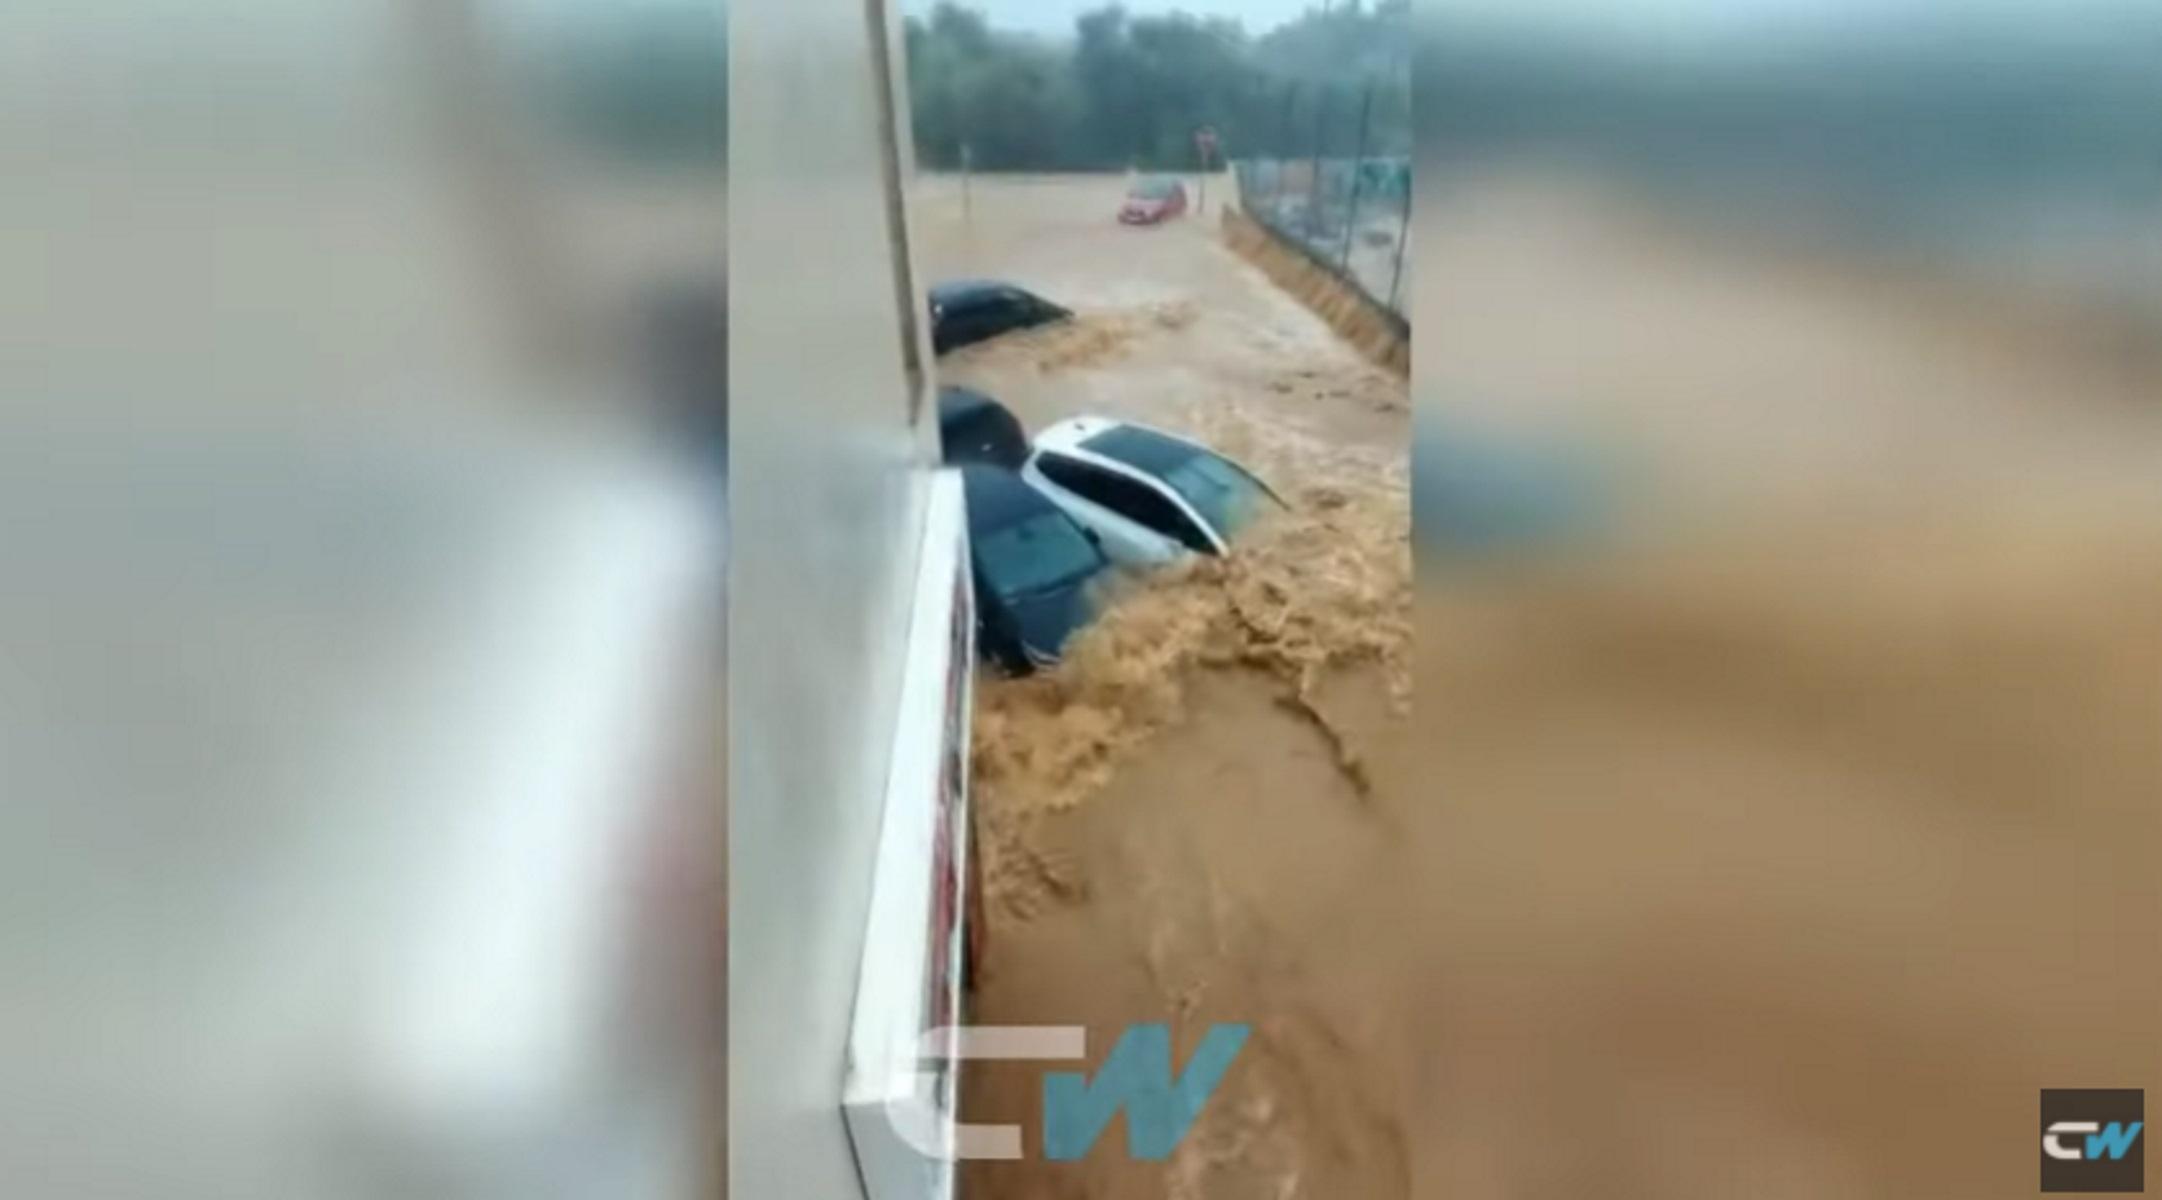 Σφοδρή καταιγίδα πλήττει μεγάλο μέρος της Ισπανίας – Πλημμύρες και 7.000 νοικοκυριά χωρίς ηλεκτρικό ρεύμα